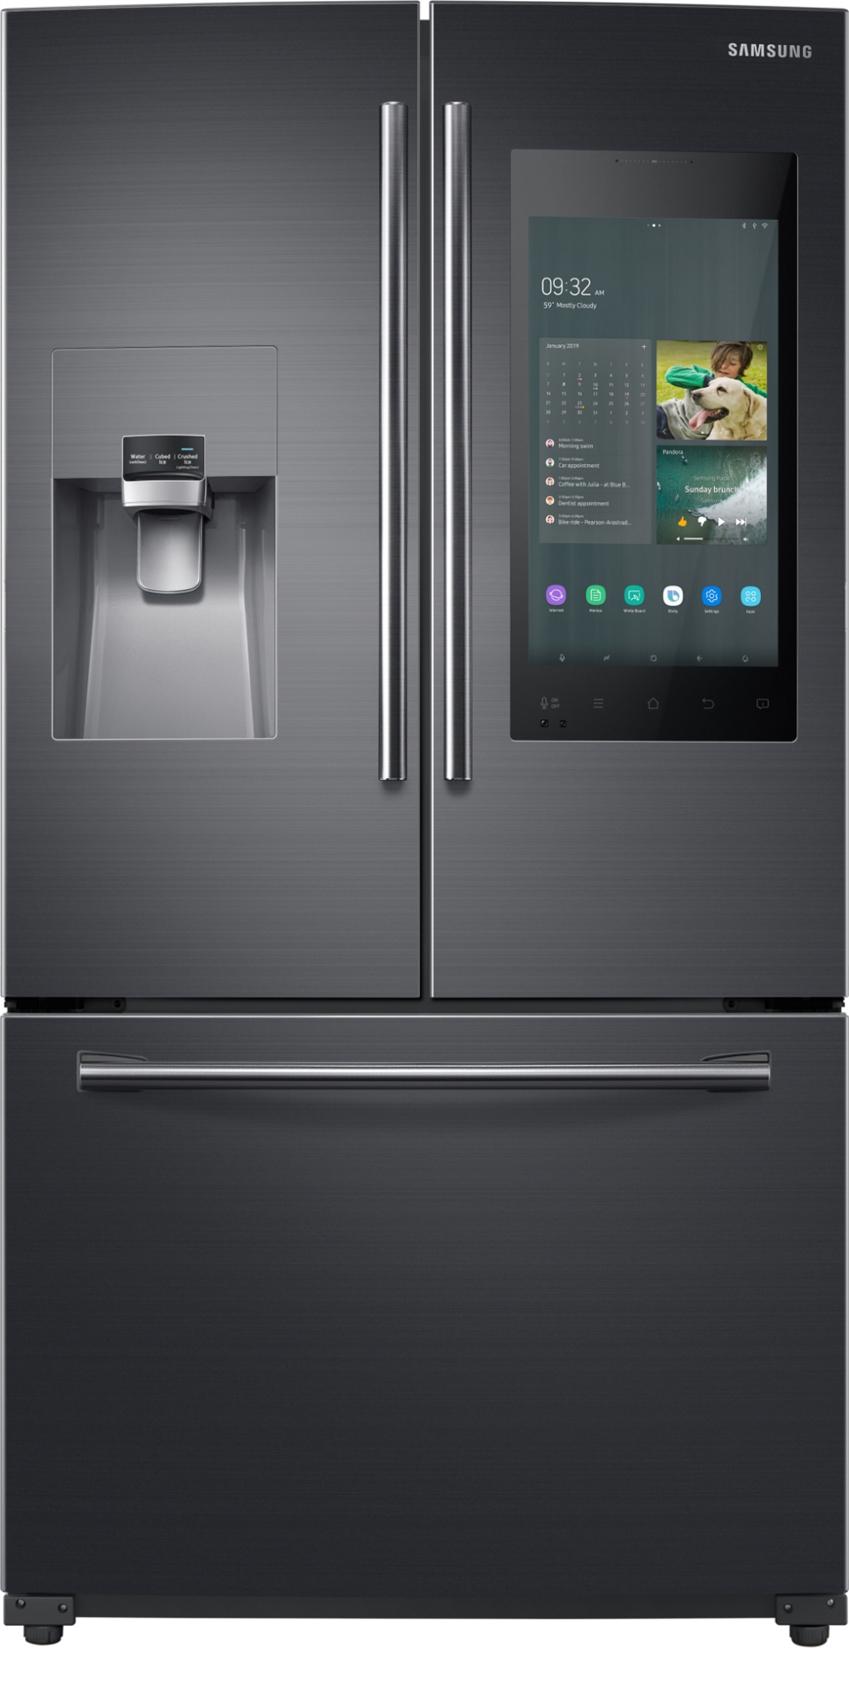 삼성전자가 미국 라스베이거스에서 열리는 세계 최대 전자 전시회 CES 2019에서 4년 연속 CES 혁신상을 수상한 2019년형 '패밀리허브' 냉장고 신제품을 공개했다. 사진 3은 삼성 2019년형 패밀리허브 제품(모델명: RF265BEAESG)